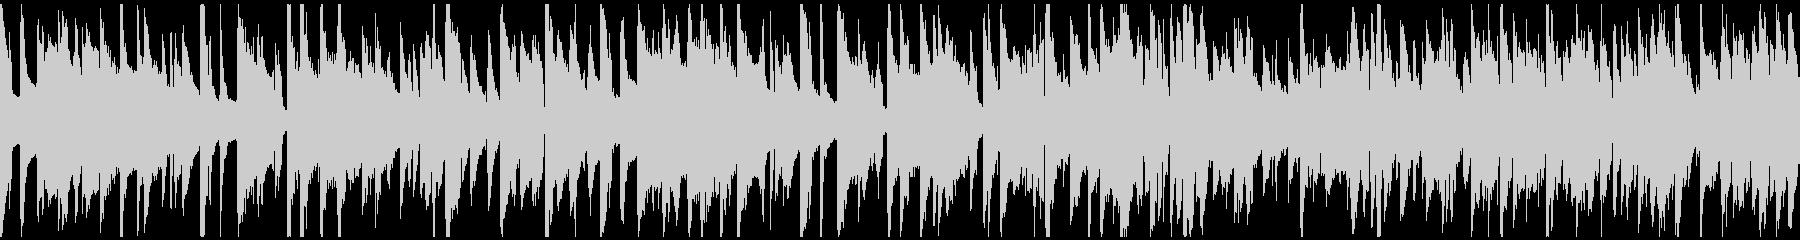 ハードボイルドな探偵系ジャズ ※ループ版の未再生の波形